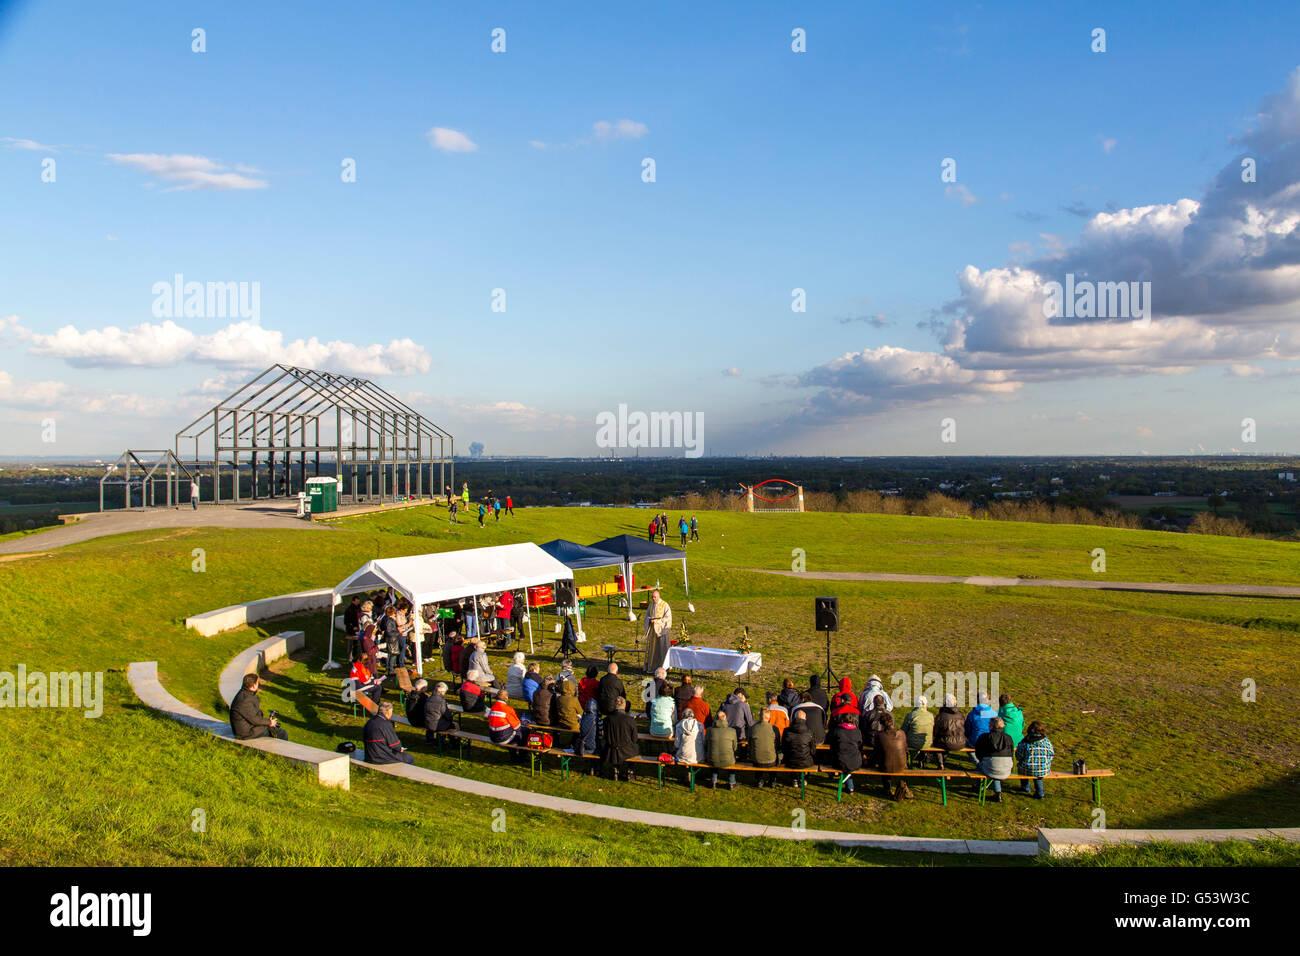 Halde Norddeutschland, a spoil tip, Neukirchen-Vluyn, Germany, Ruhr area, art installation Hallenhaus, open air - Stock Image